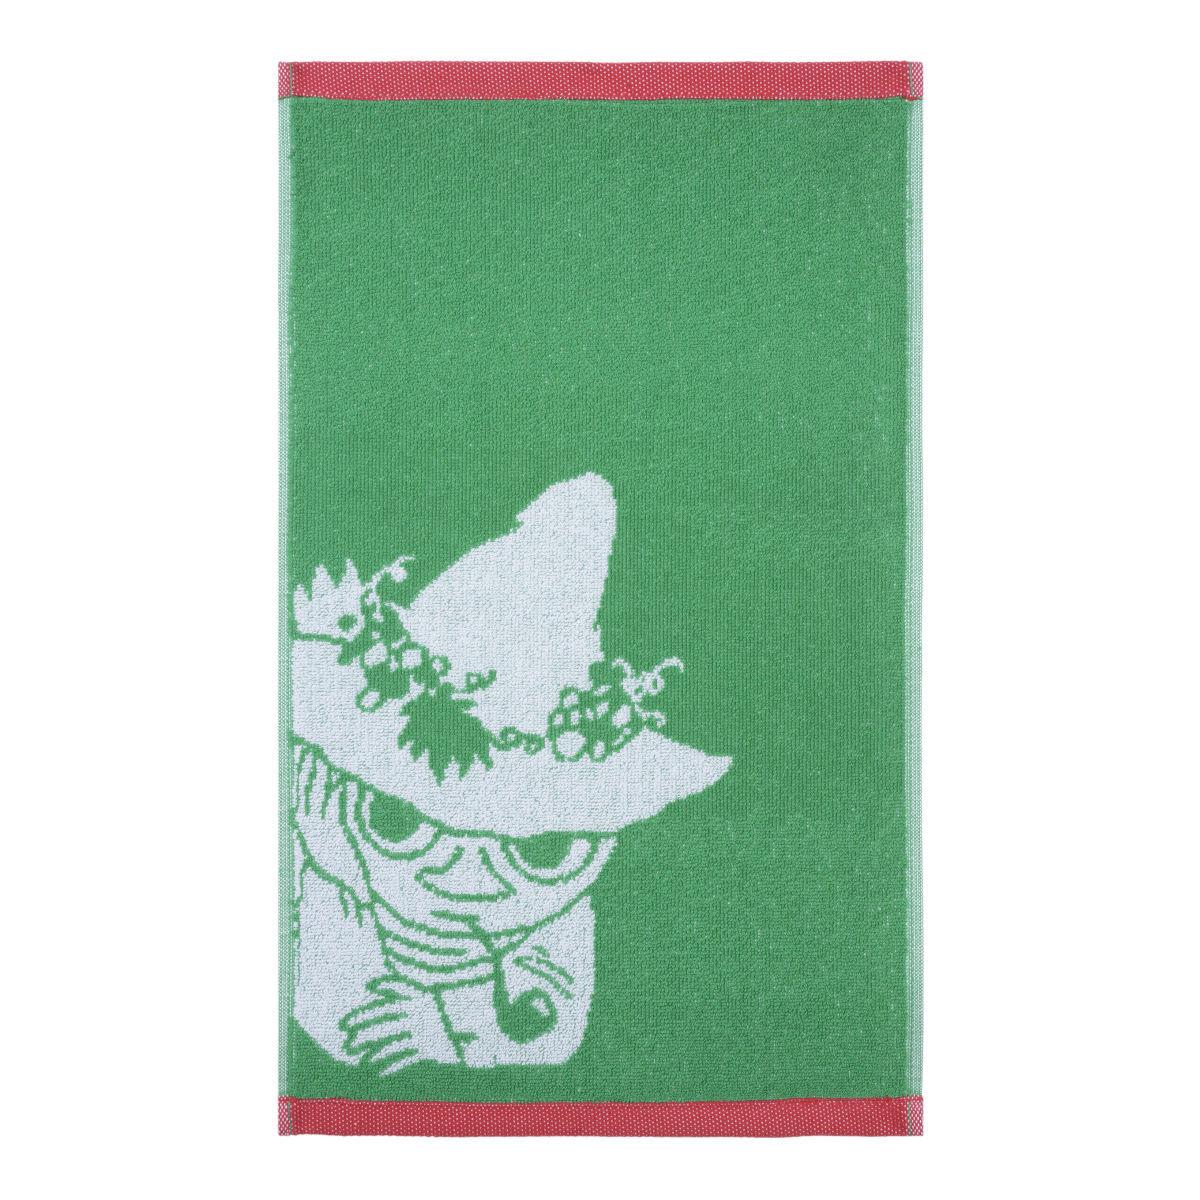 Snusmumriken handduk röd/grön Finlayson